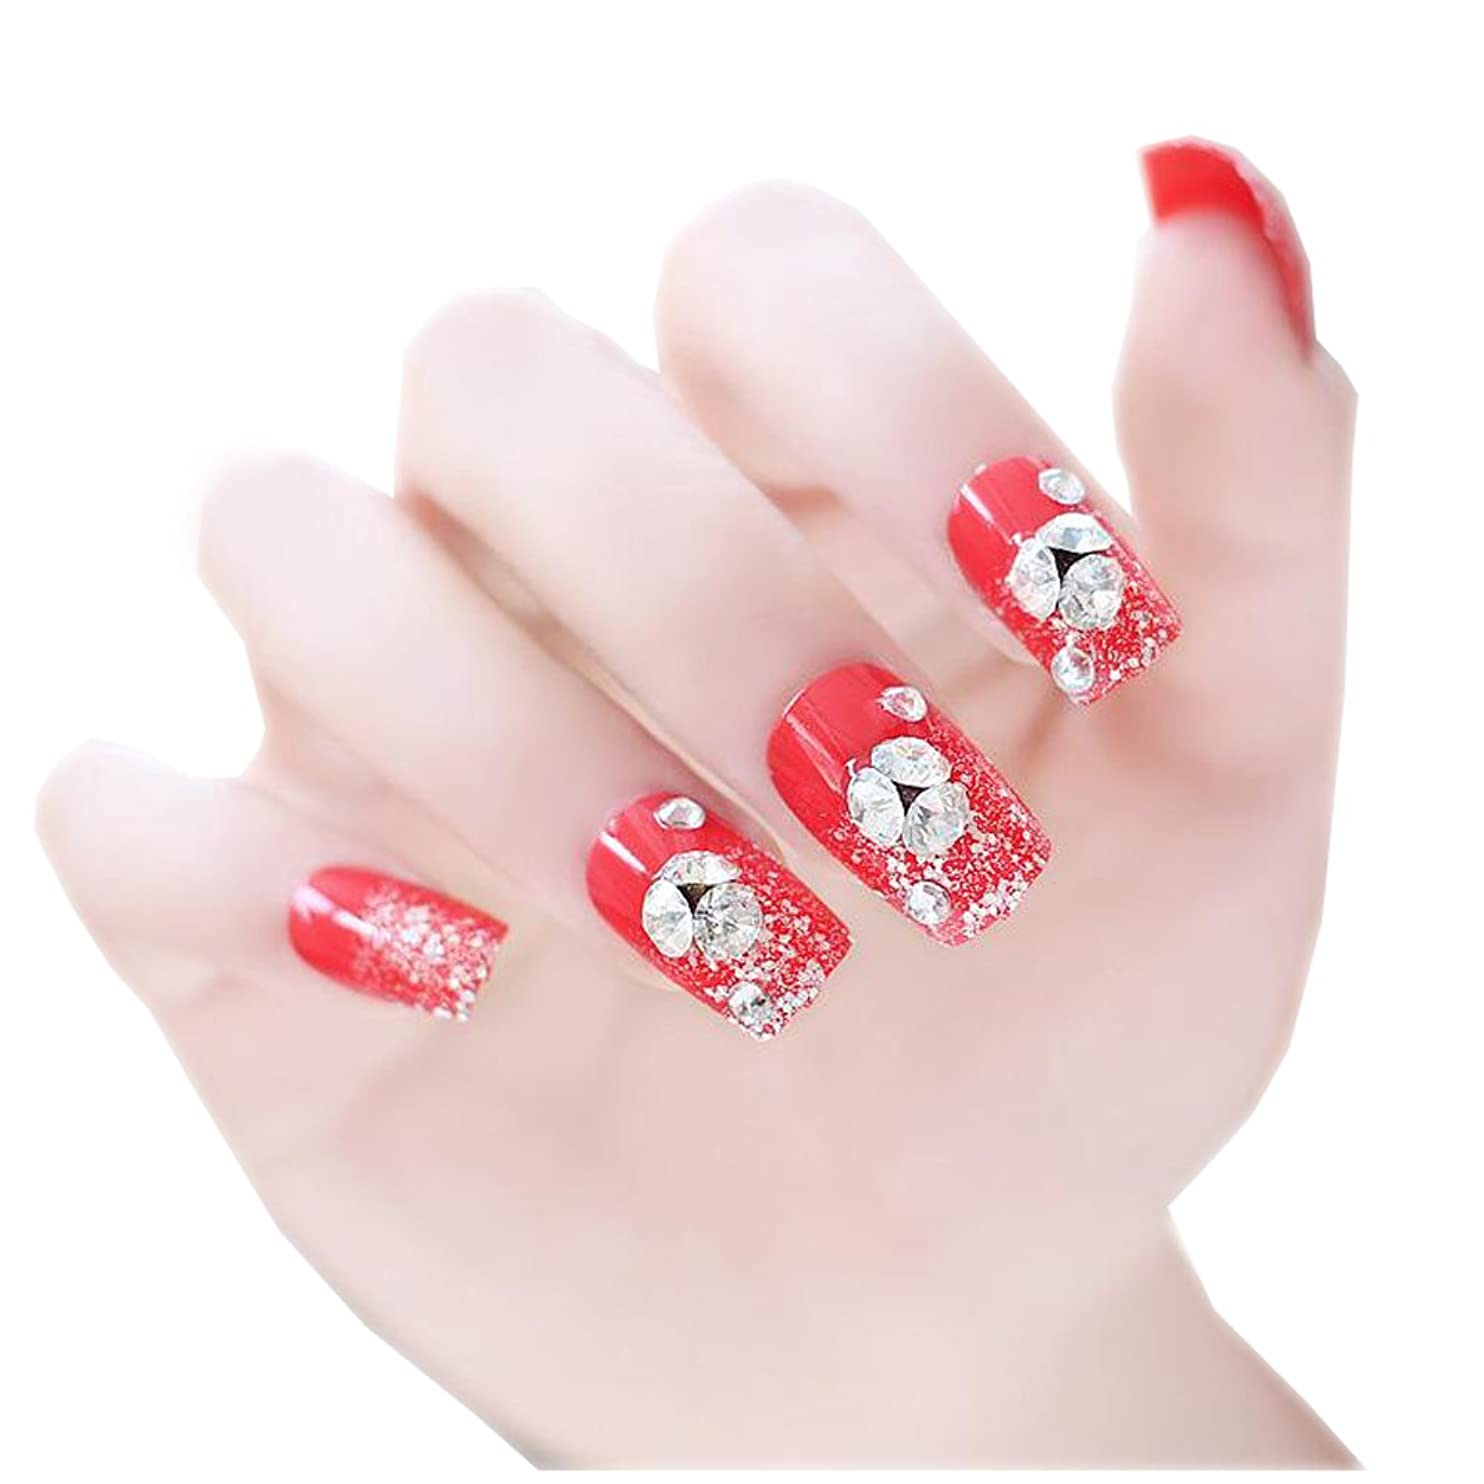 中間トリプル永久に24個のPCS結婚式の花嫁の人工爪ガム(赤)